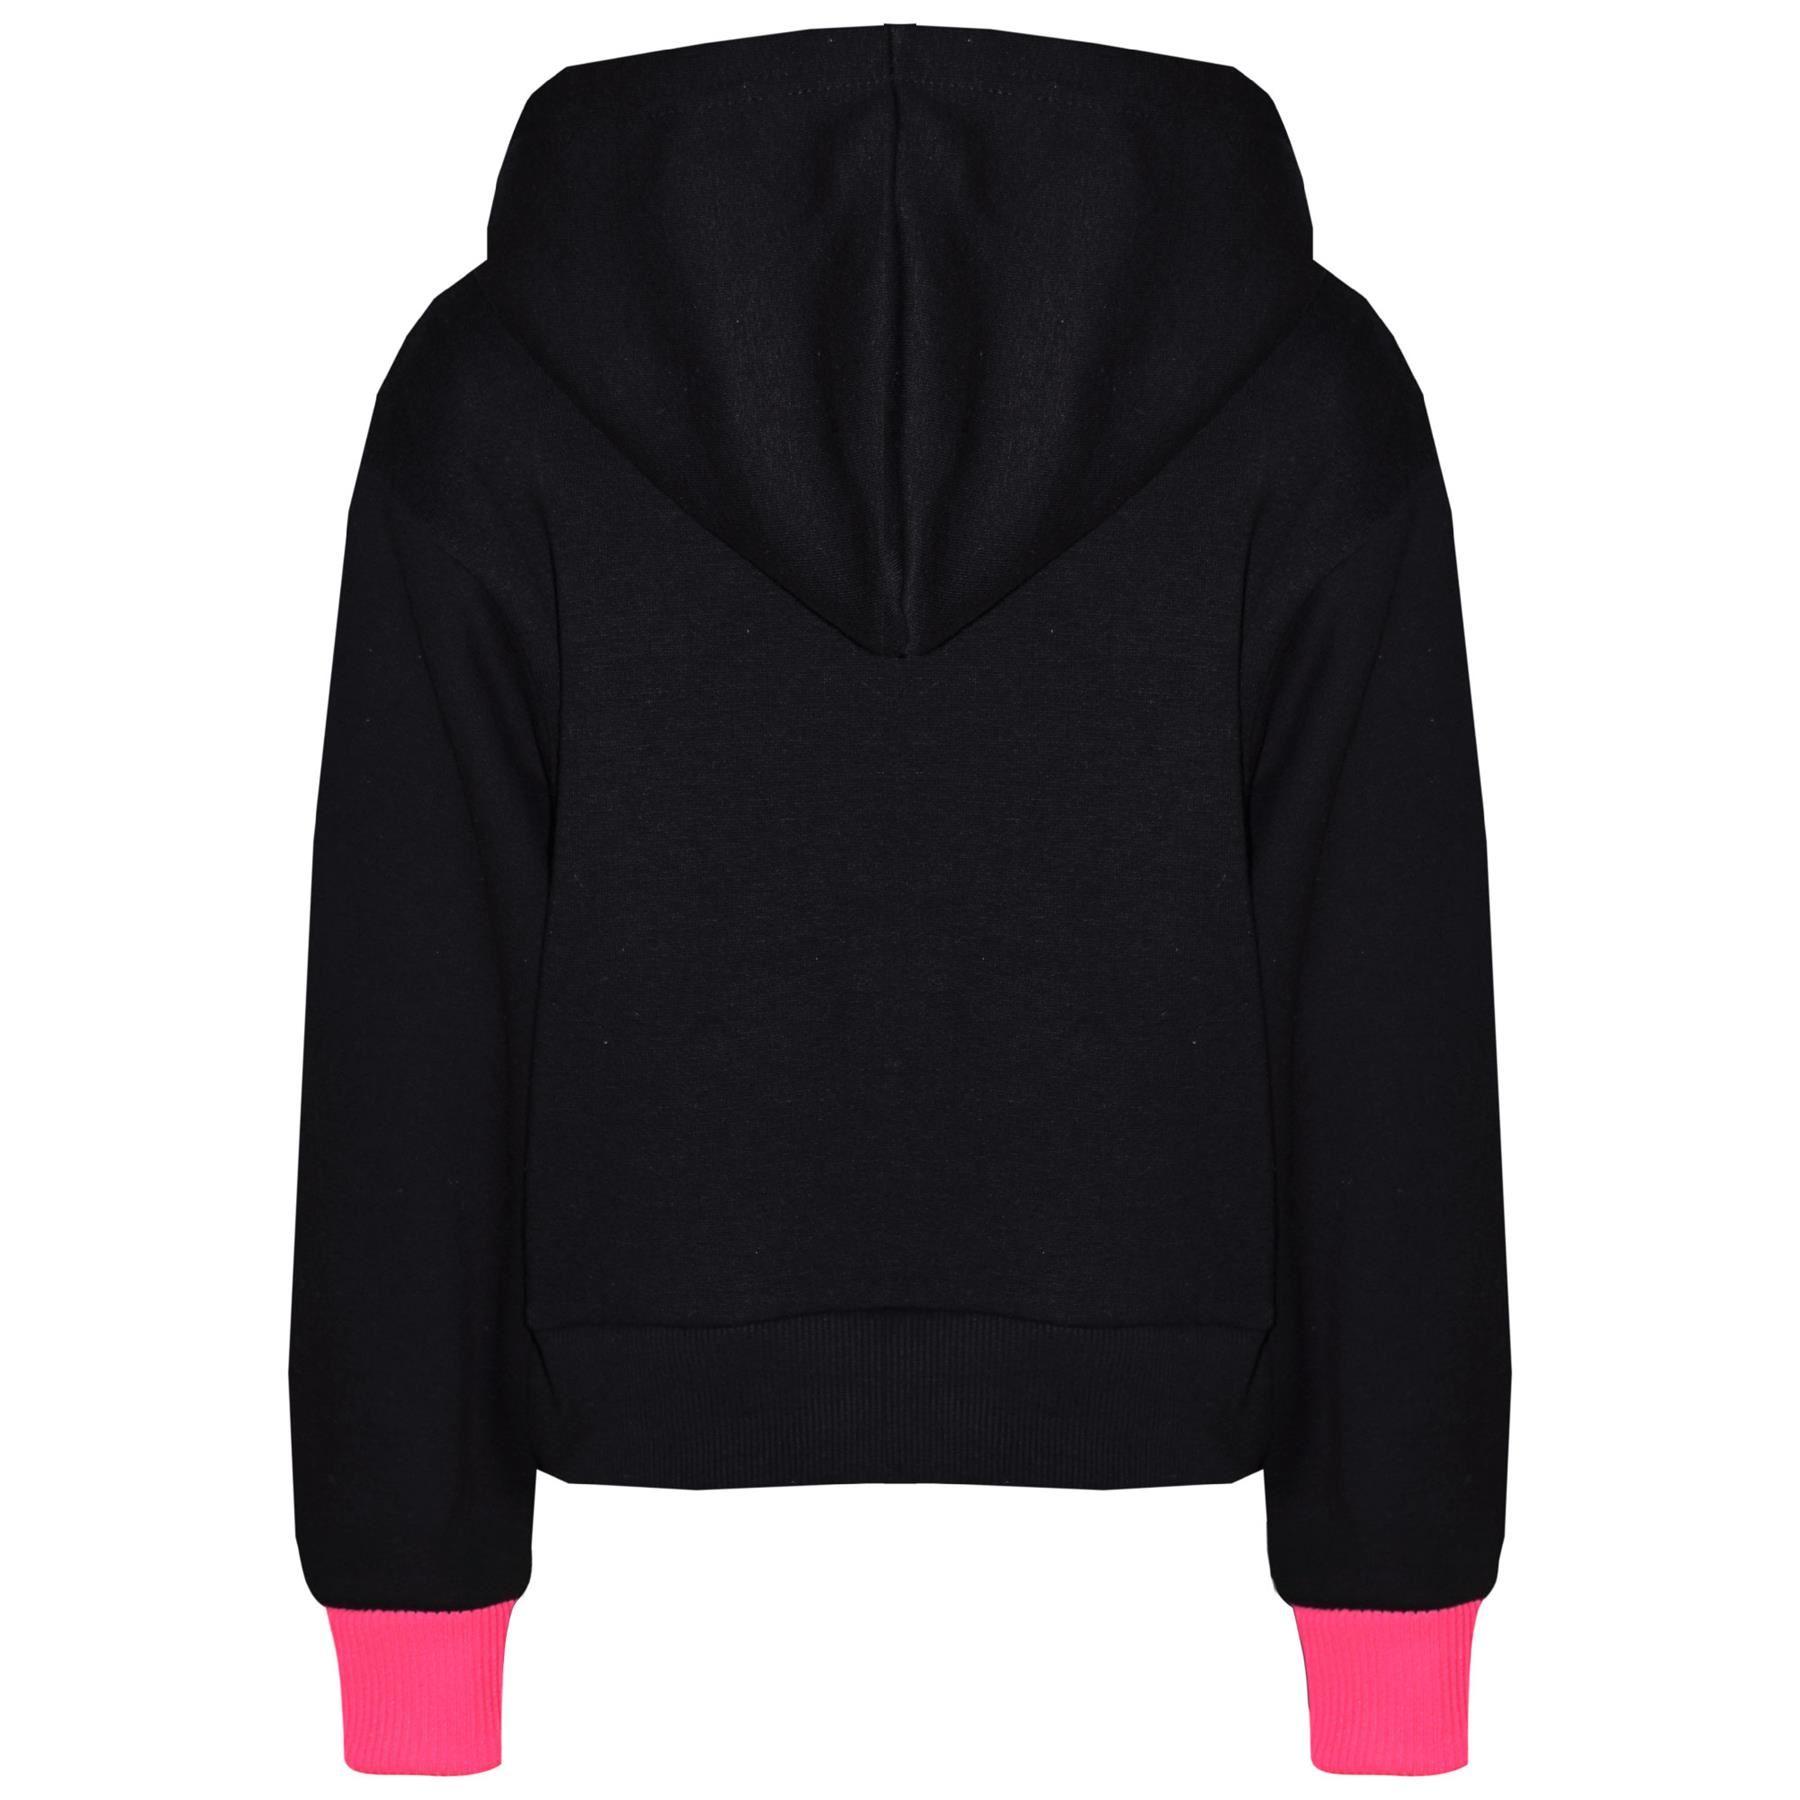 Kids Girls Jogging Suit Designer #Floss Hooded Crop Top Bottom Tracksuit 5-13Yr